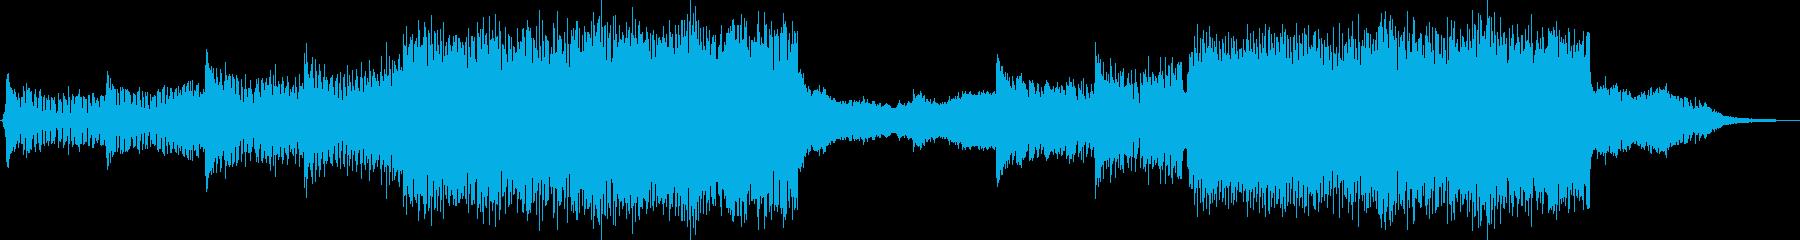 eスポーツ ハイライト ドラムンベースの再生済みの波形